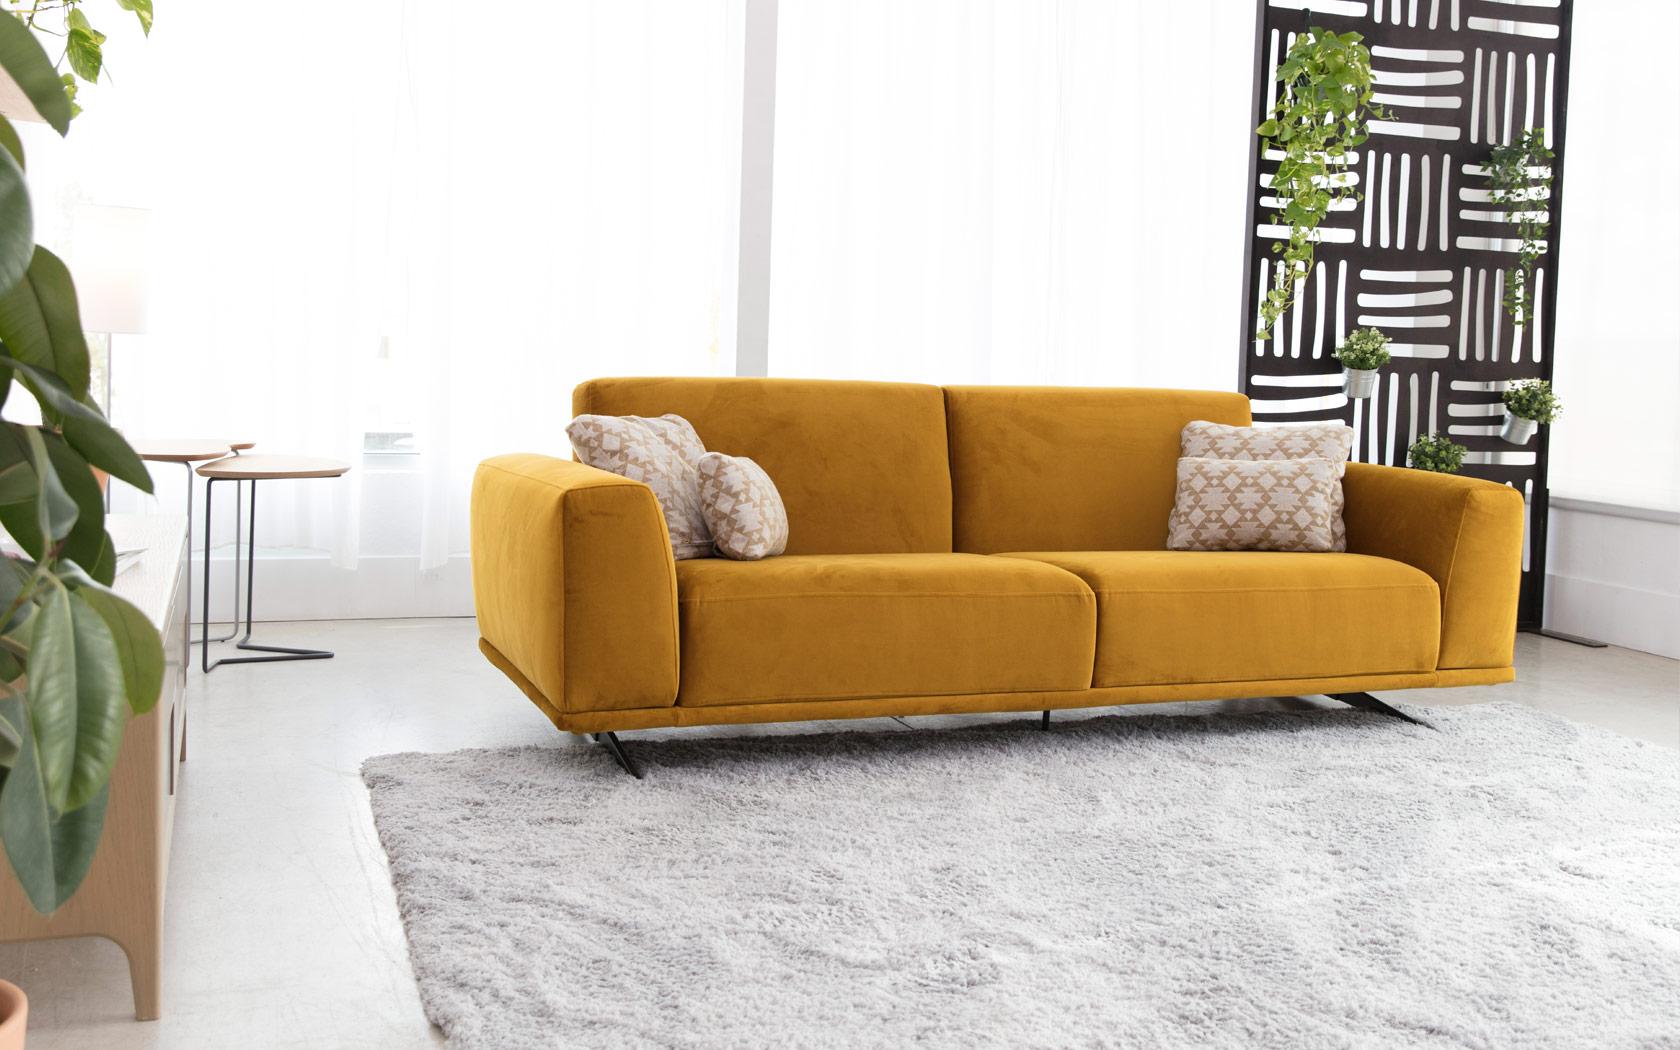 Klee sofa modular Fama